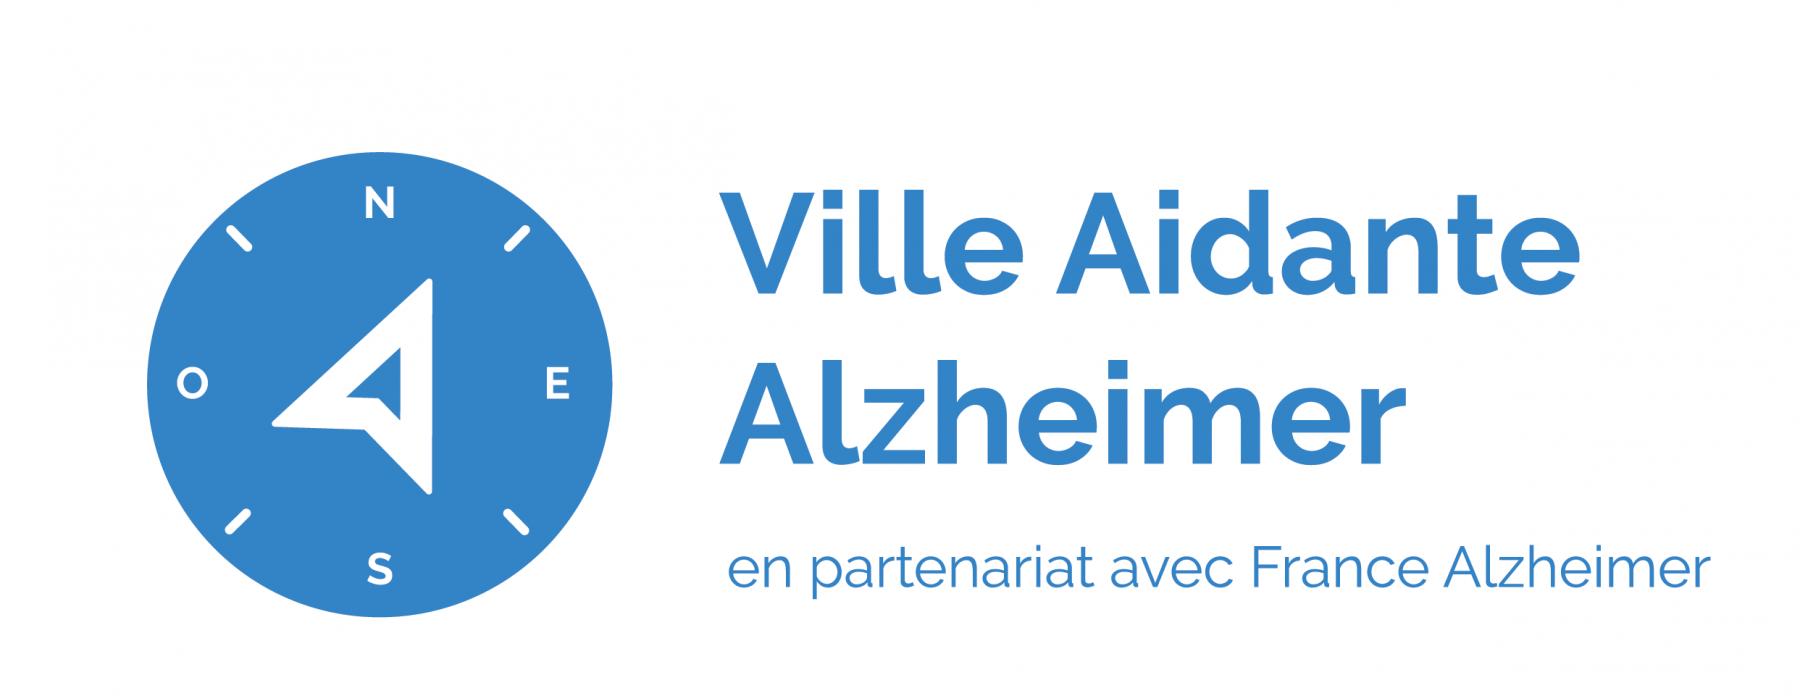 Ville aidante Alzheimer